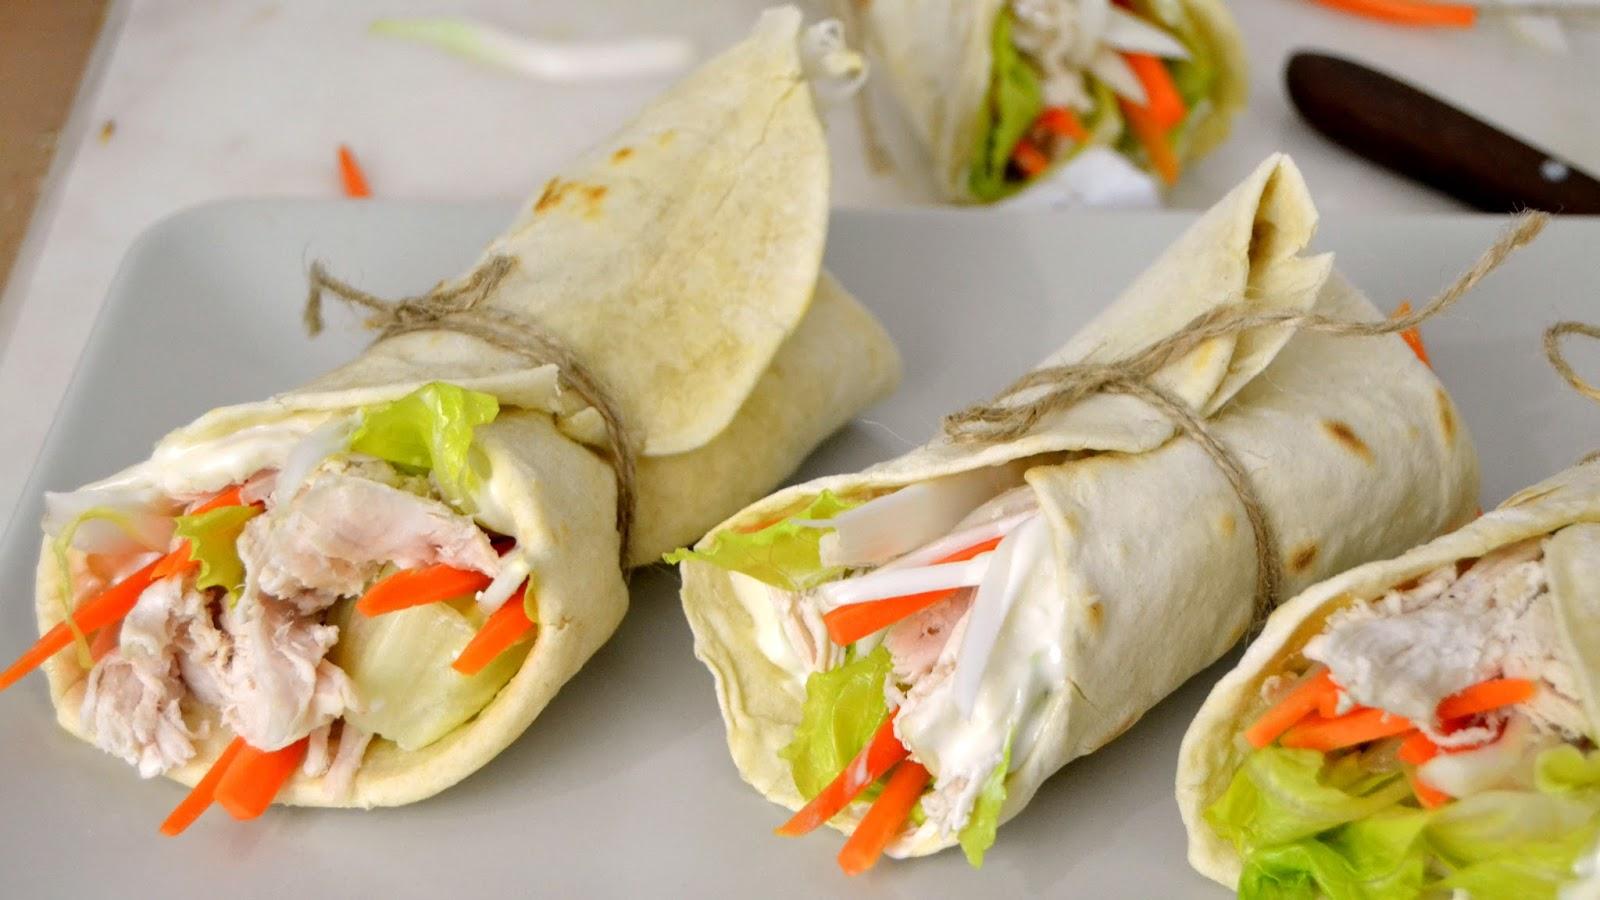 Wraps de pollo con tortillas mexicanas caseras